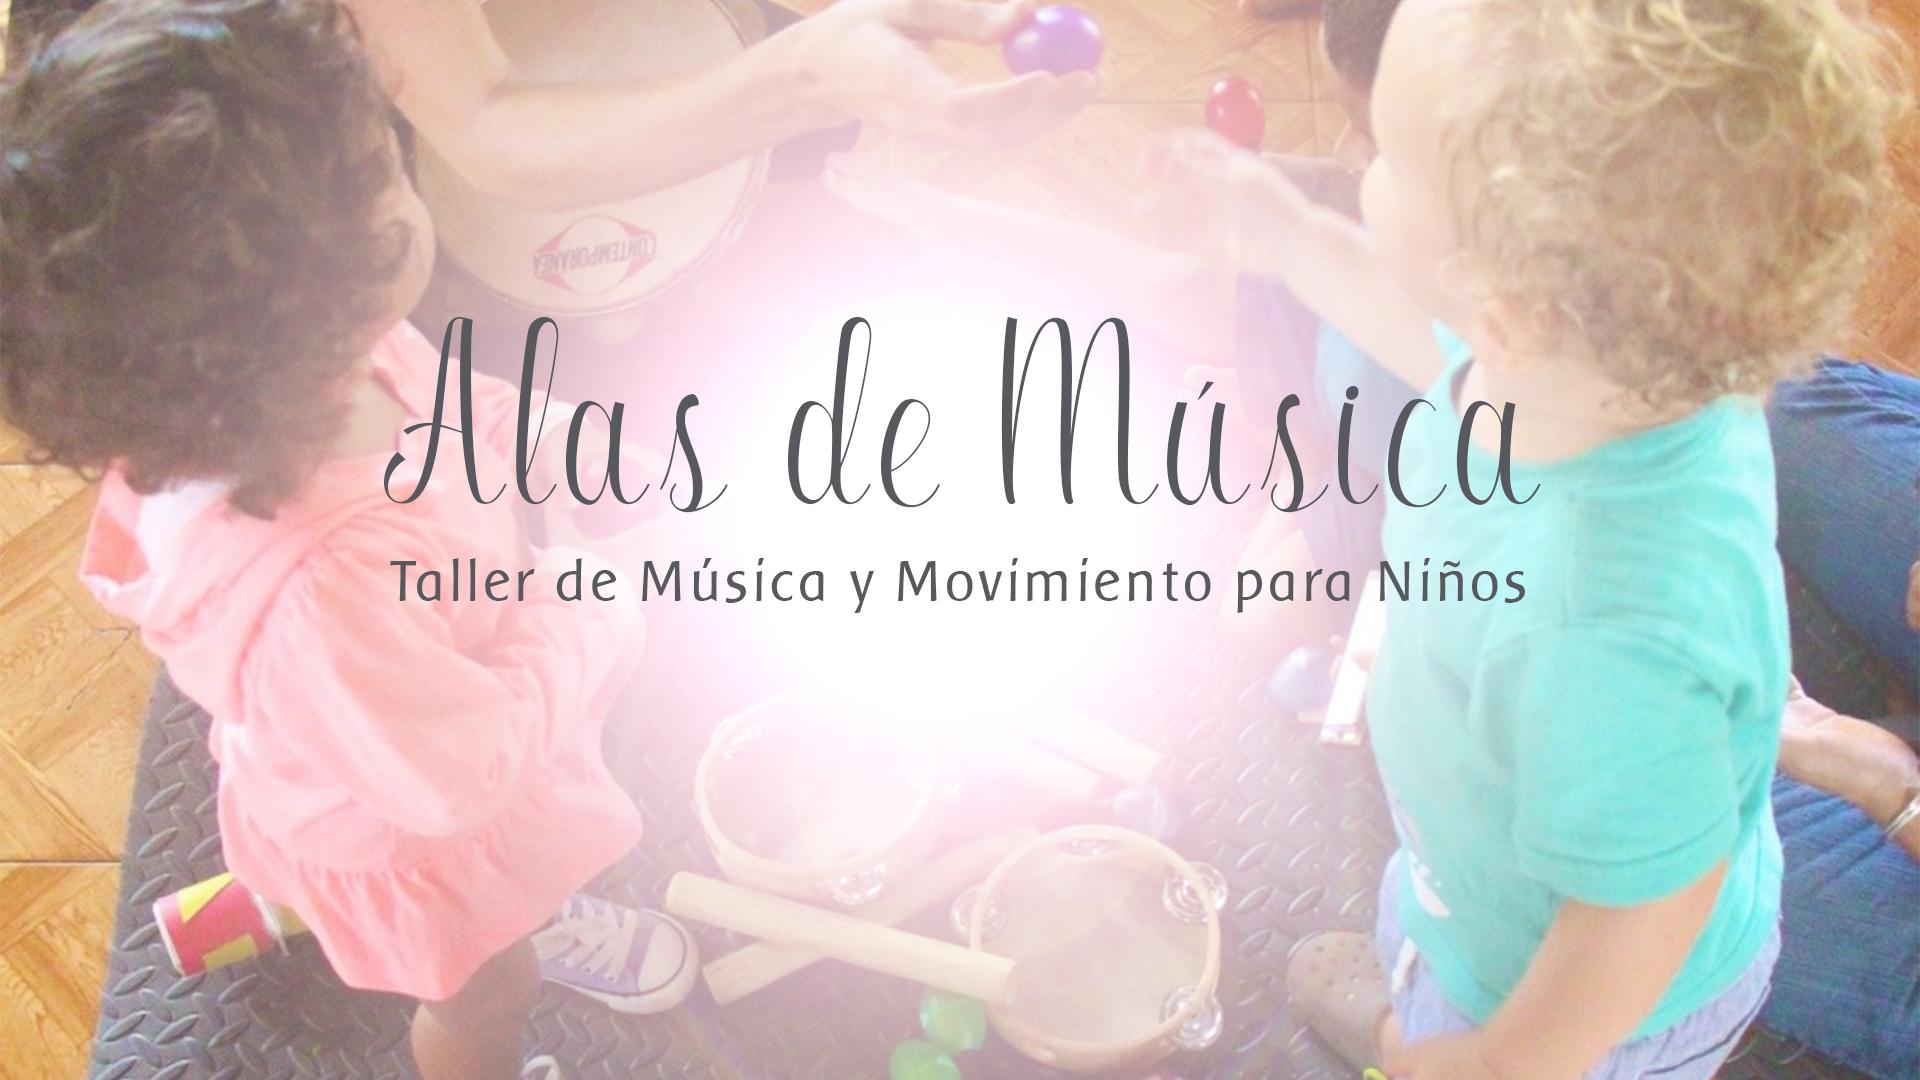 Facebook-Event-Banner-ALAS-DE-MUSICA.jpg